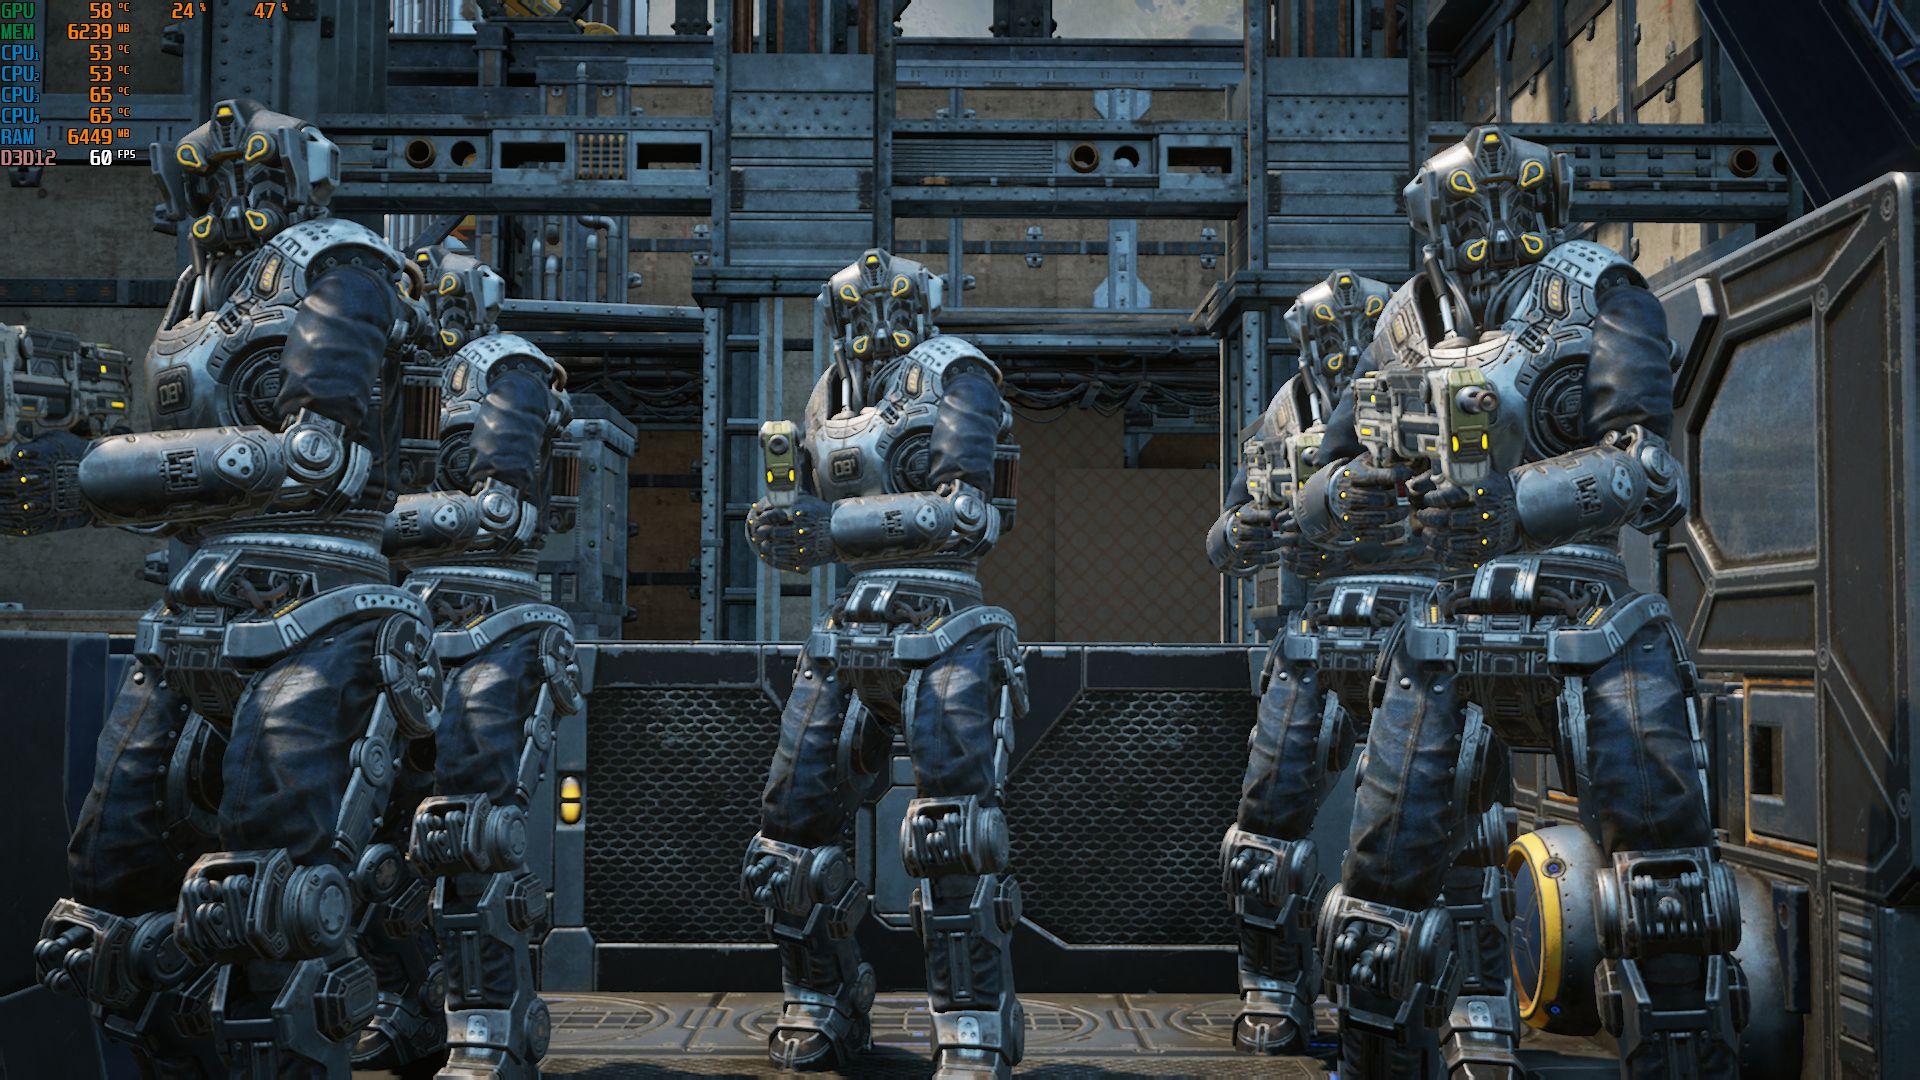 00015.Jpg - Gears of War 4